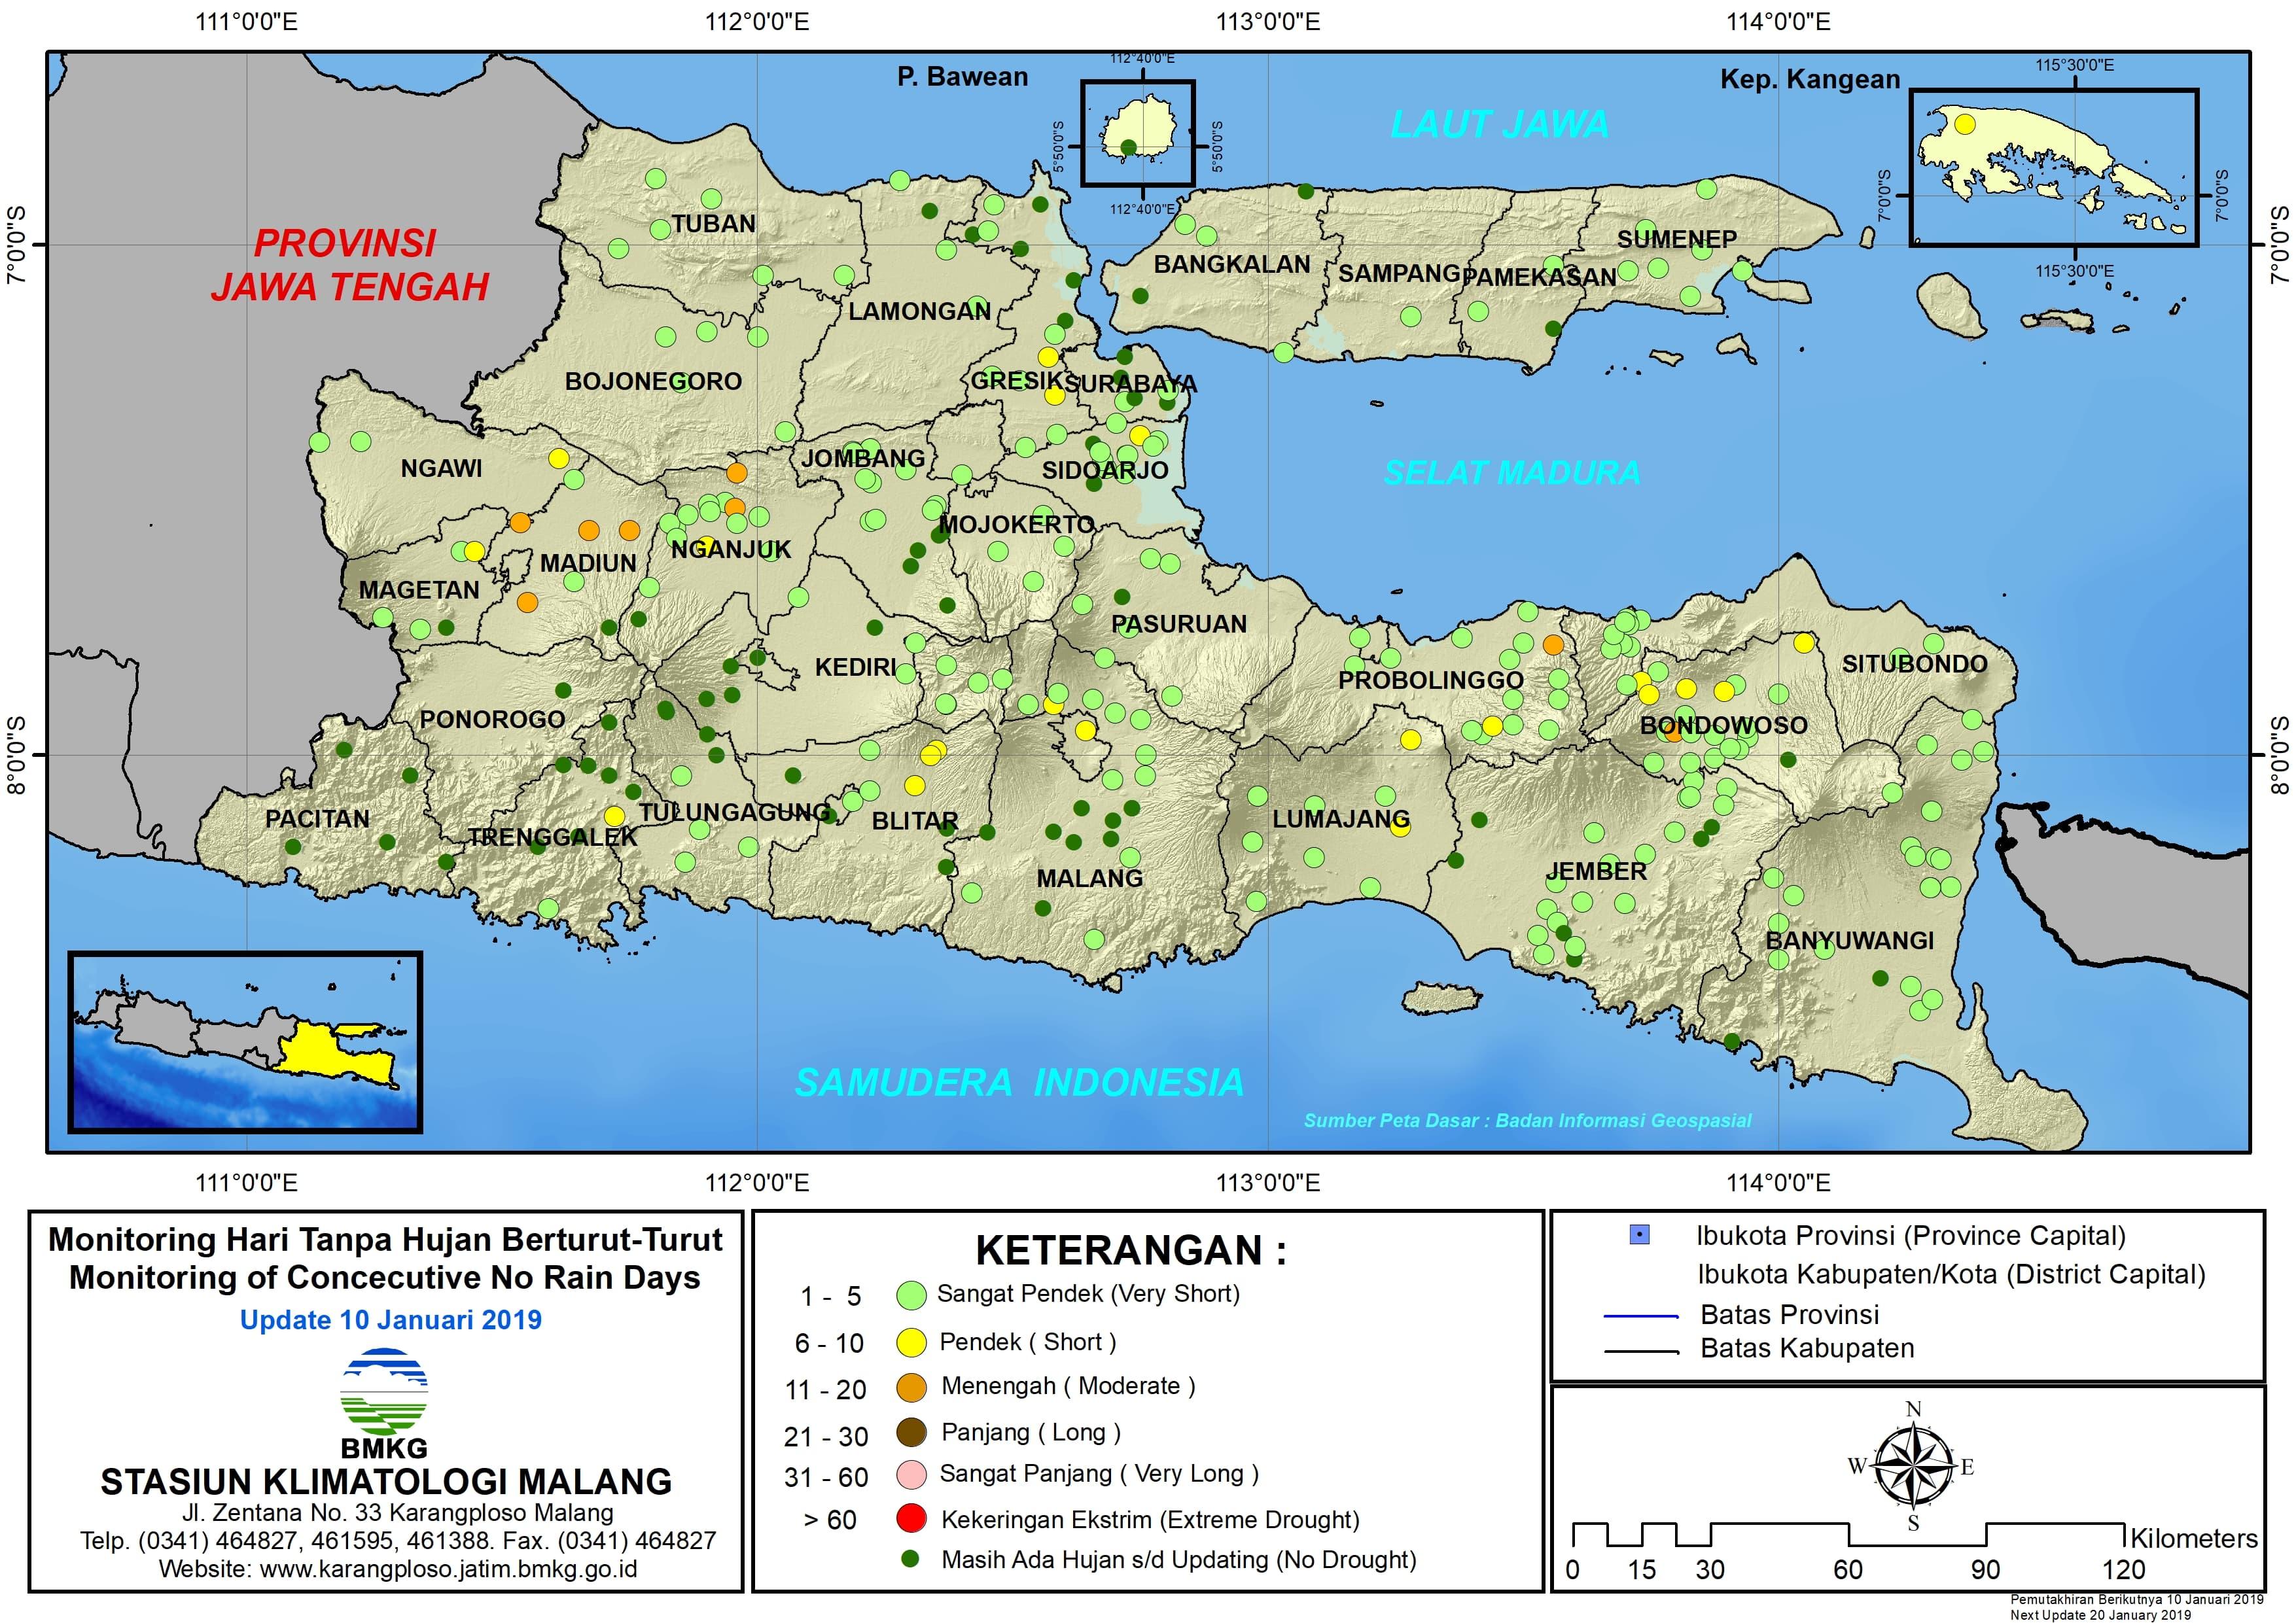 Peta Monitoring Hari Tanpa Hujan Berturut Turut Update 10 Januari 2019 di Provinsi Jawa Timur